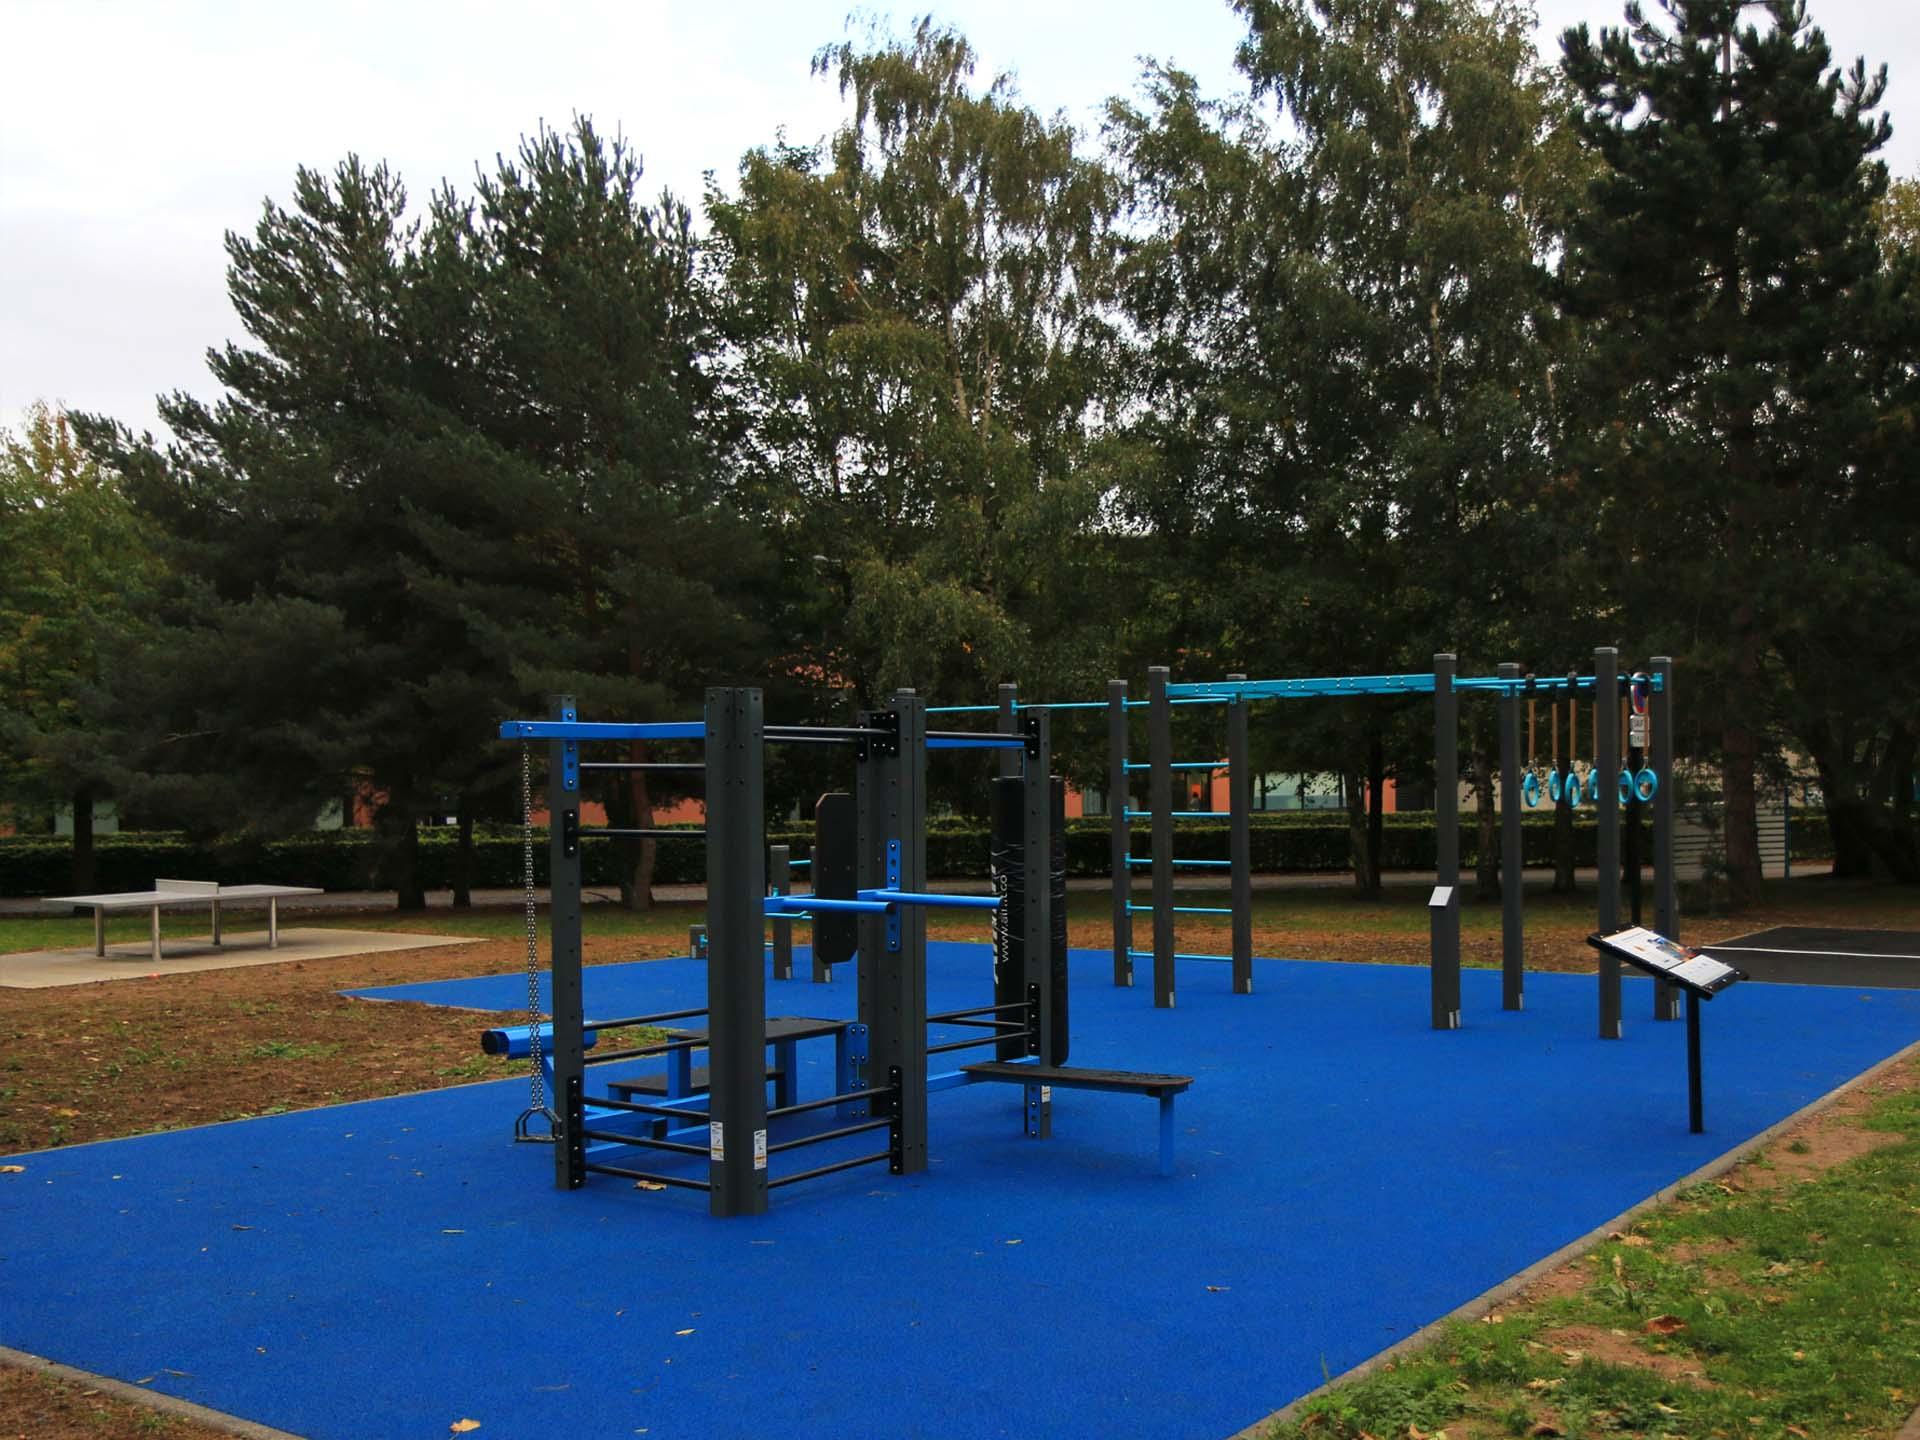 Photo du plateau sportif pour les étudiants de l'UPHF à Valenciennes